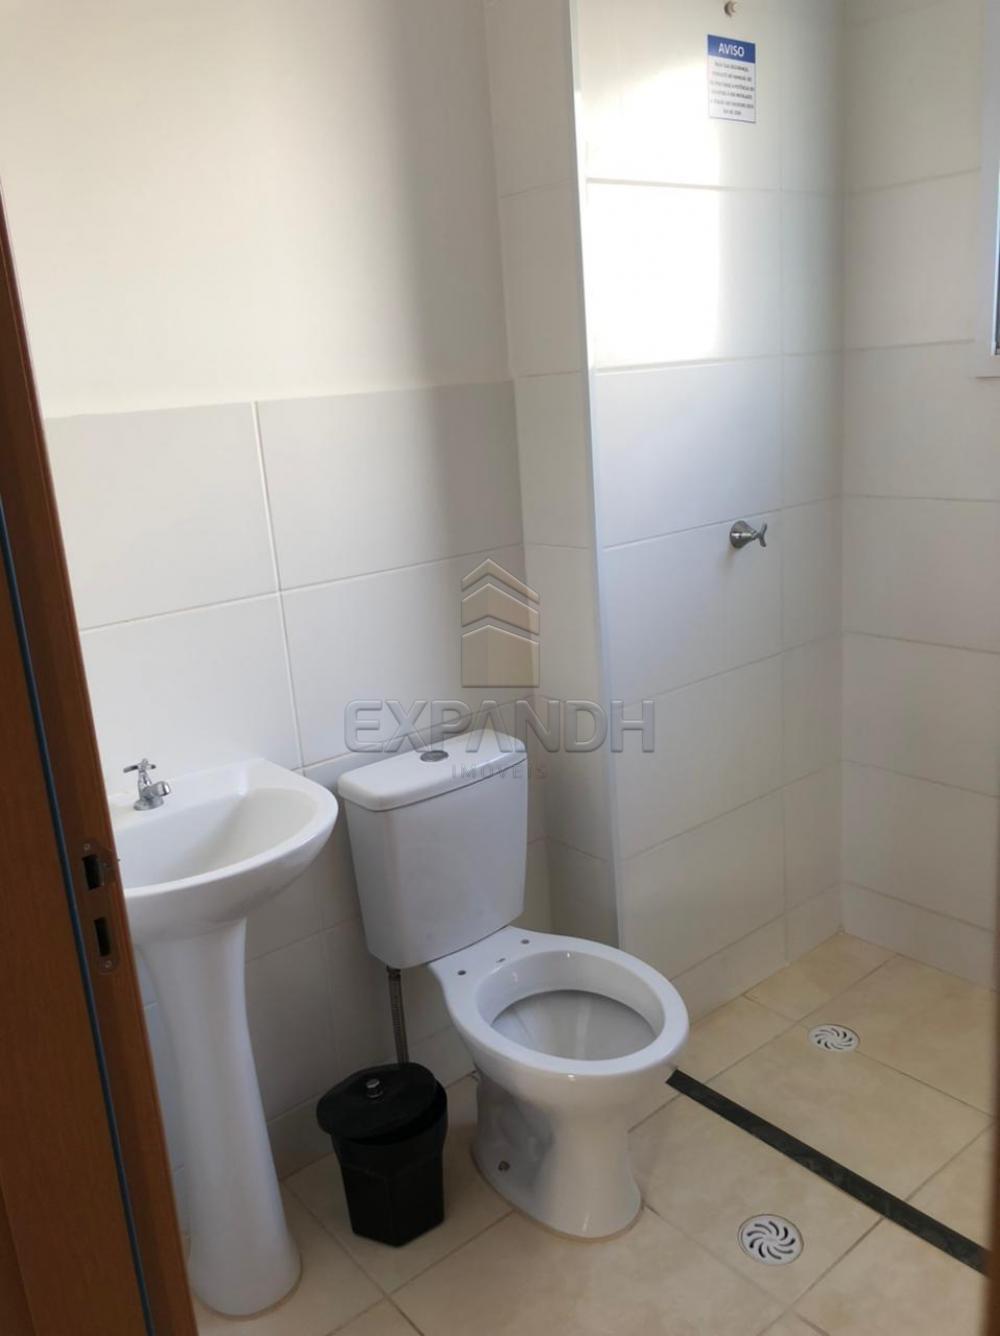 Alugar Apartamentos / Padrão em Sertãozinho R$ 600,00 - Foto 8